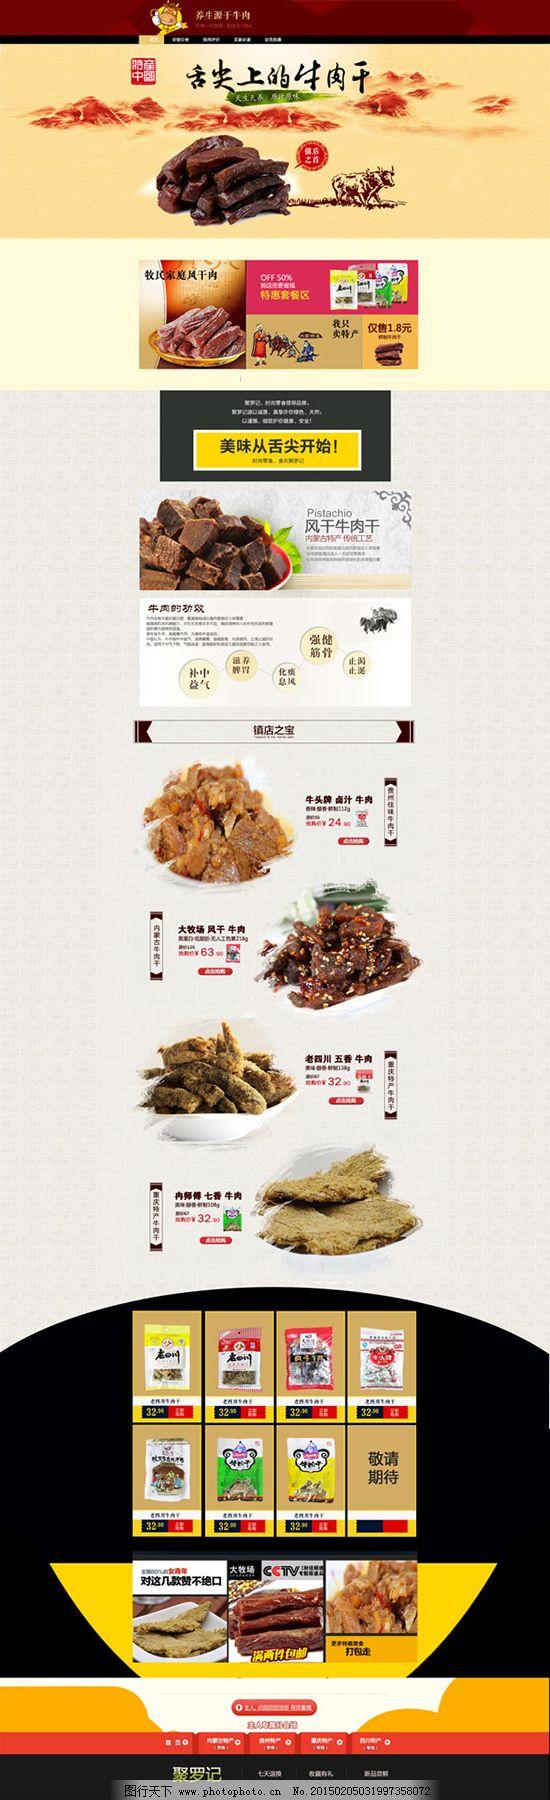 牛肉钜惠模板 牛肉钜惠模板免费下载 美食 淘宝 炫彩 淘宝素材